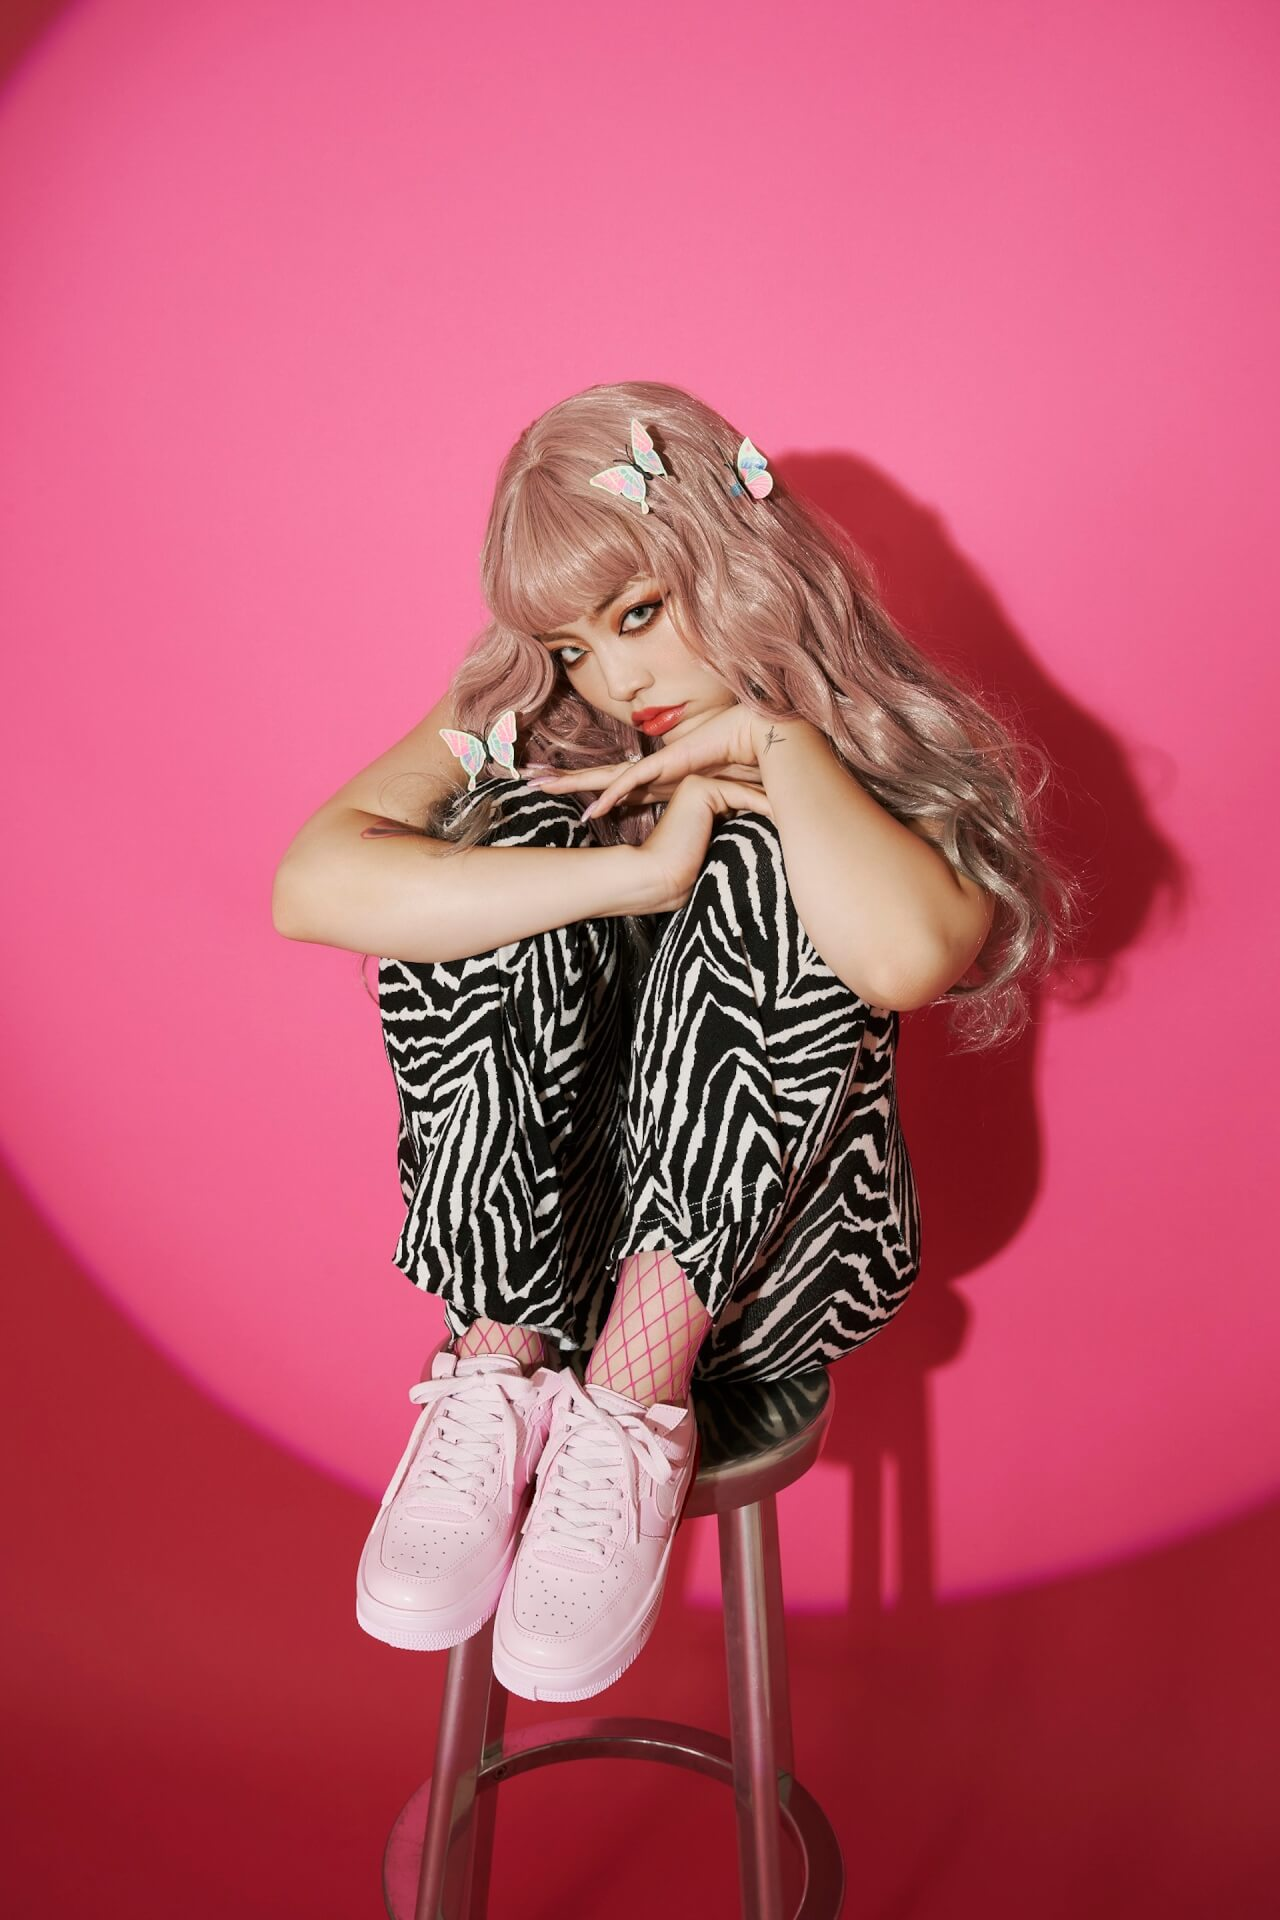 atmos pinkからNIKE W AIR FORCE 1 FONTANKA PINKが限定発売!ちゃんみなのダンスオーディションも開催 fashion_210727_airforce_cyanmina4